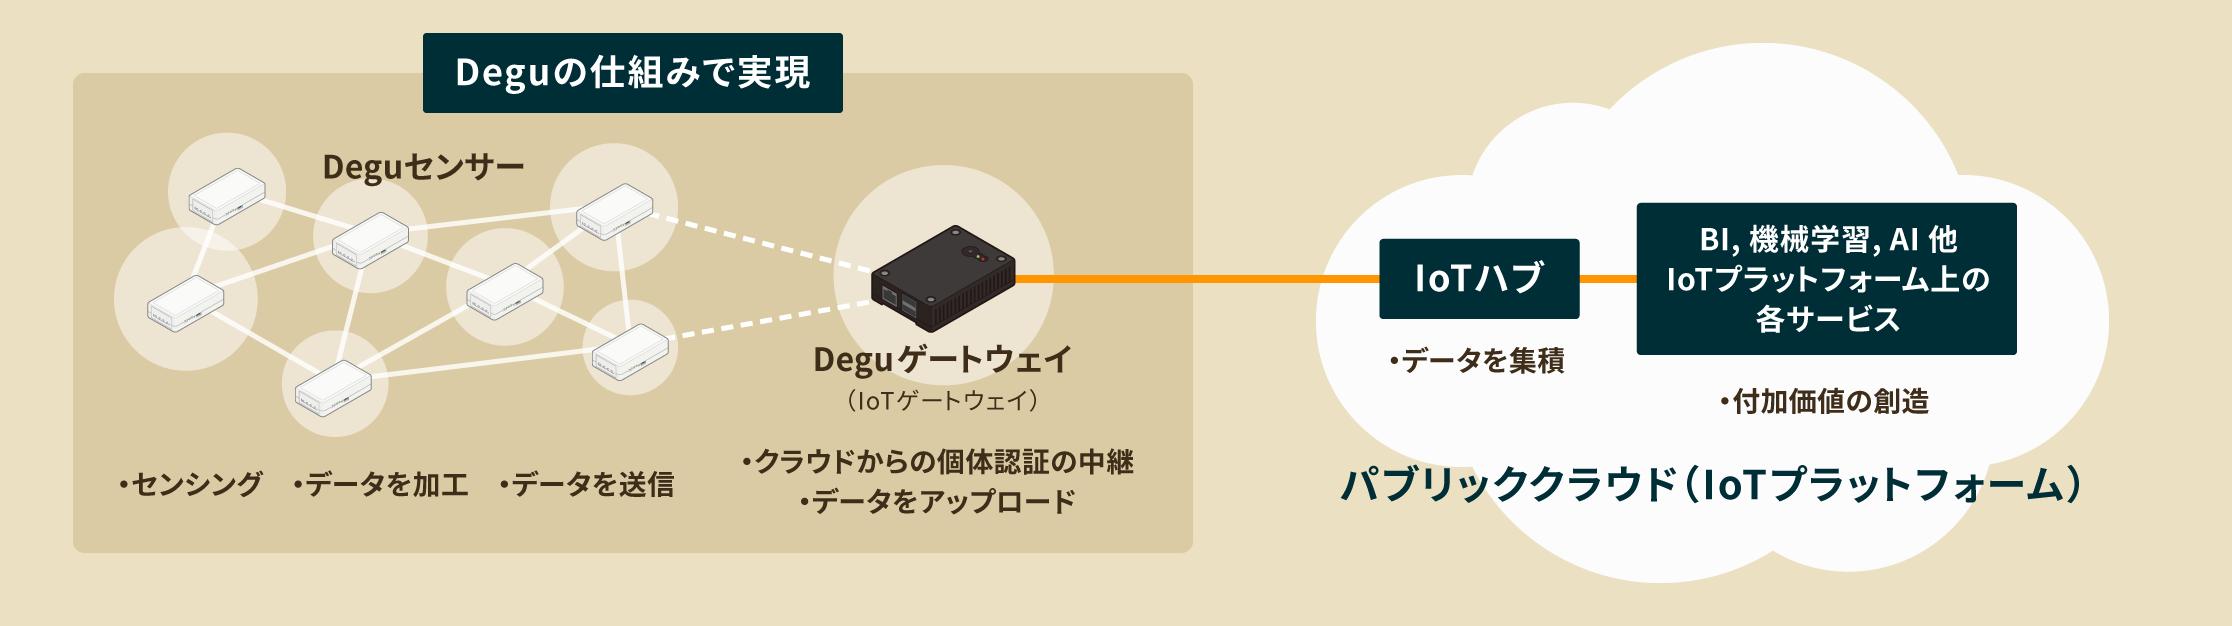 IoTシステム概要図